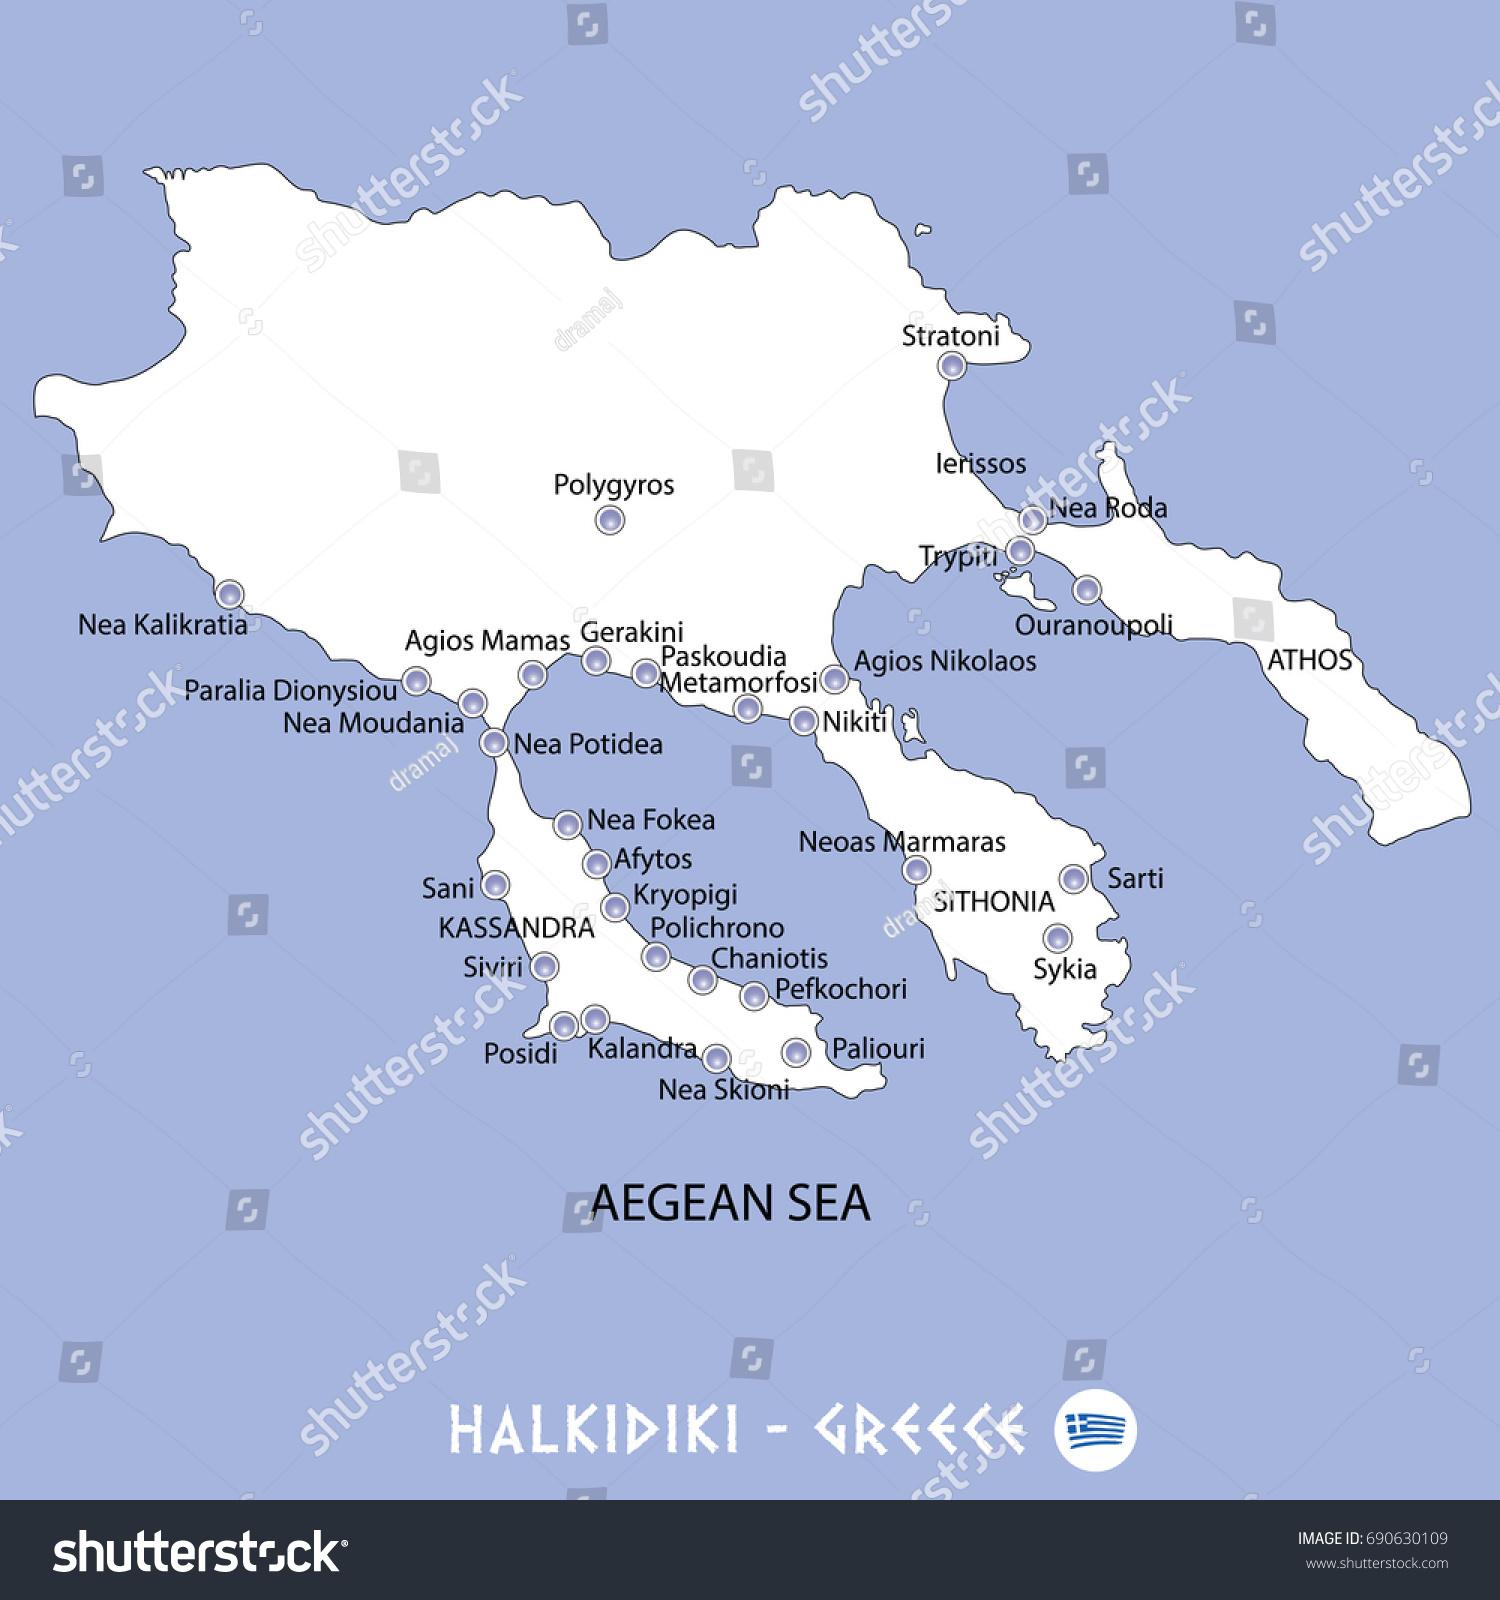 Peninsula Halkidiki Greece White Map Blue Stock Vector (Royalty Free ...